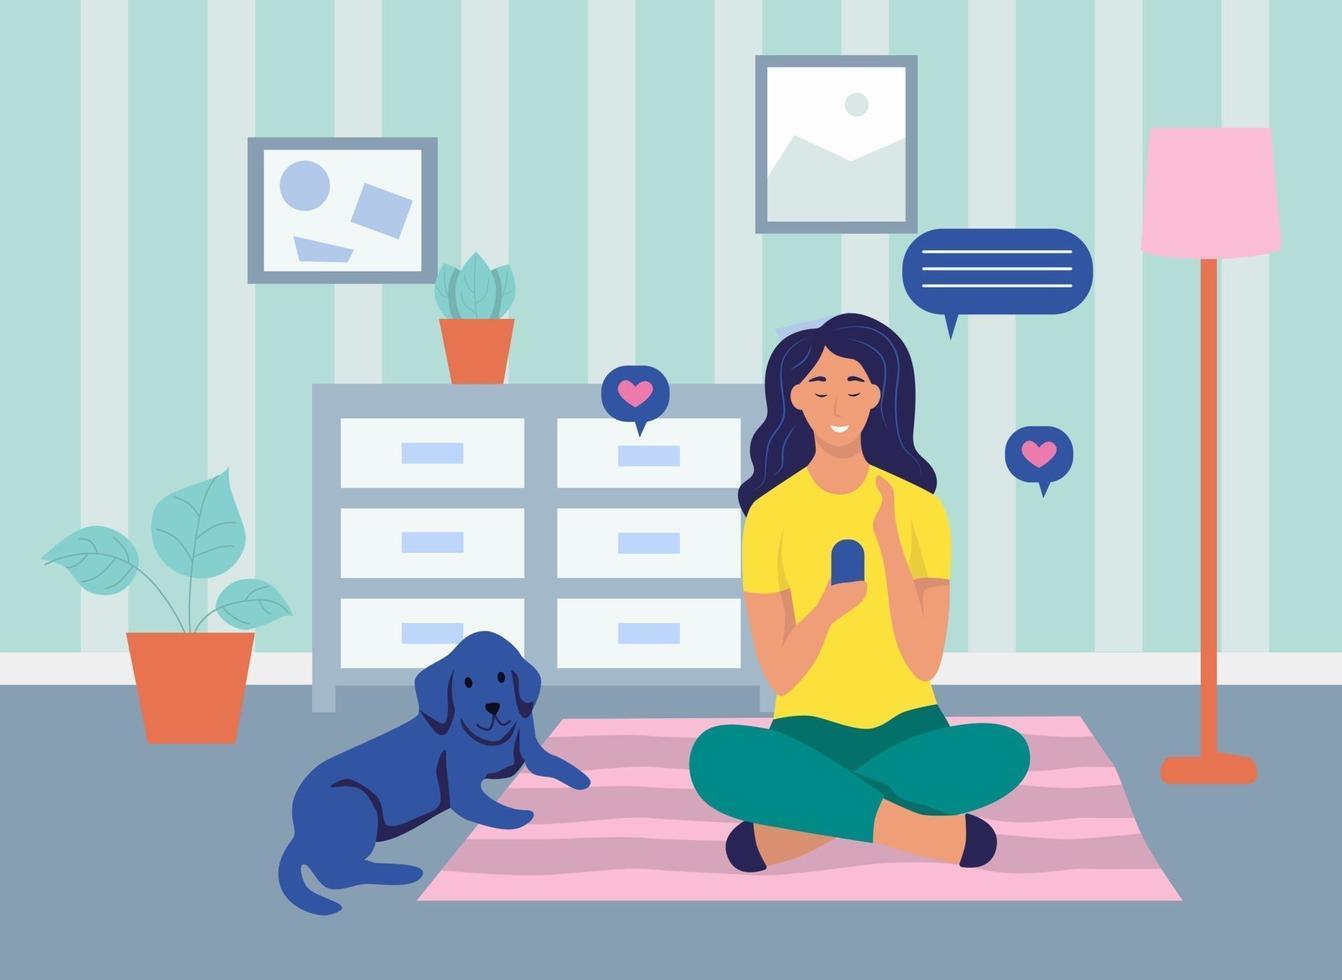 una giovane donna è seduta con un telefono sul pavimento. il concetto di comunicazione online, dipendenza da Internet, vita quotidiana, tempo libero e attività lavorative quotidiane. illustrazione vettoriale di cartone animato piatto.